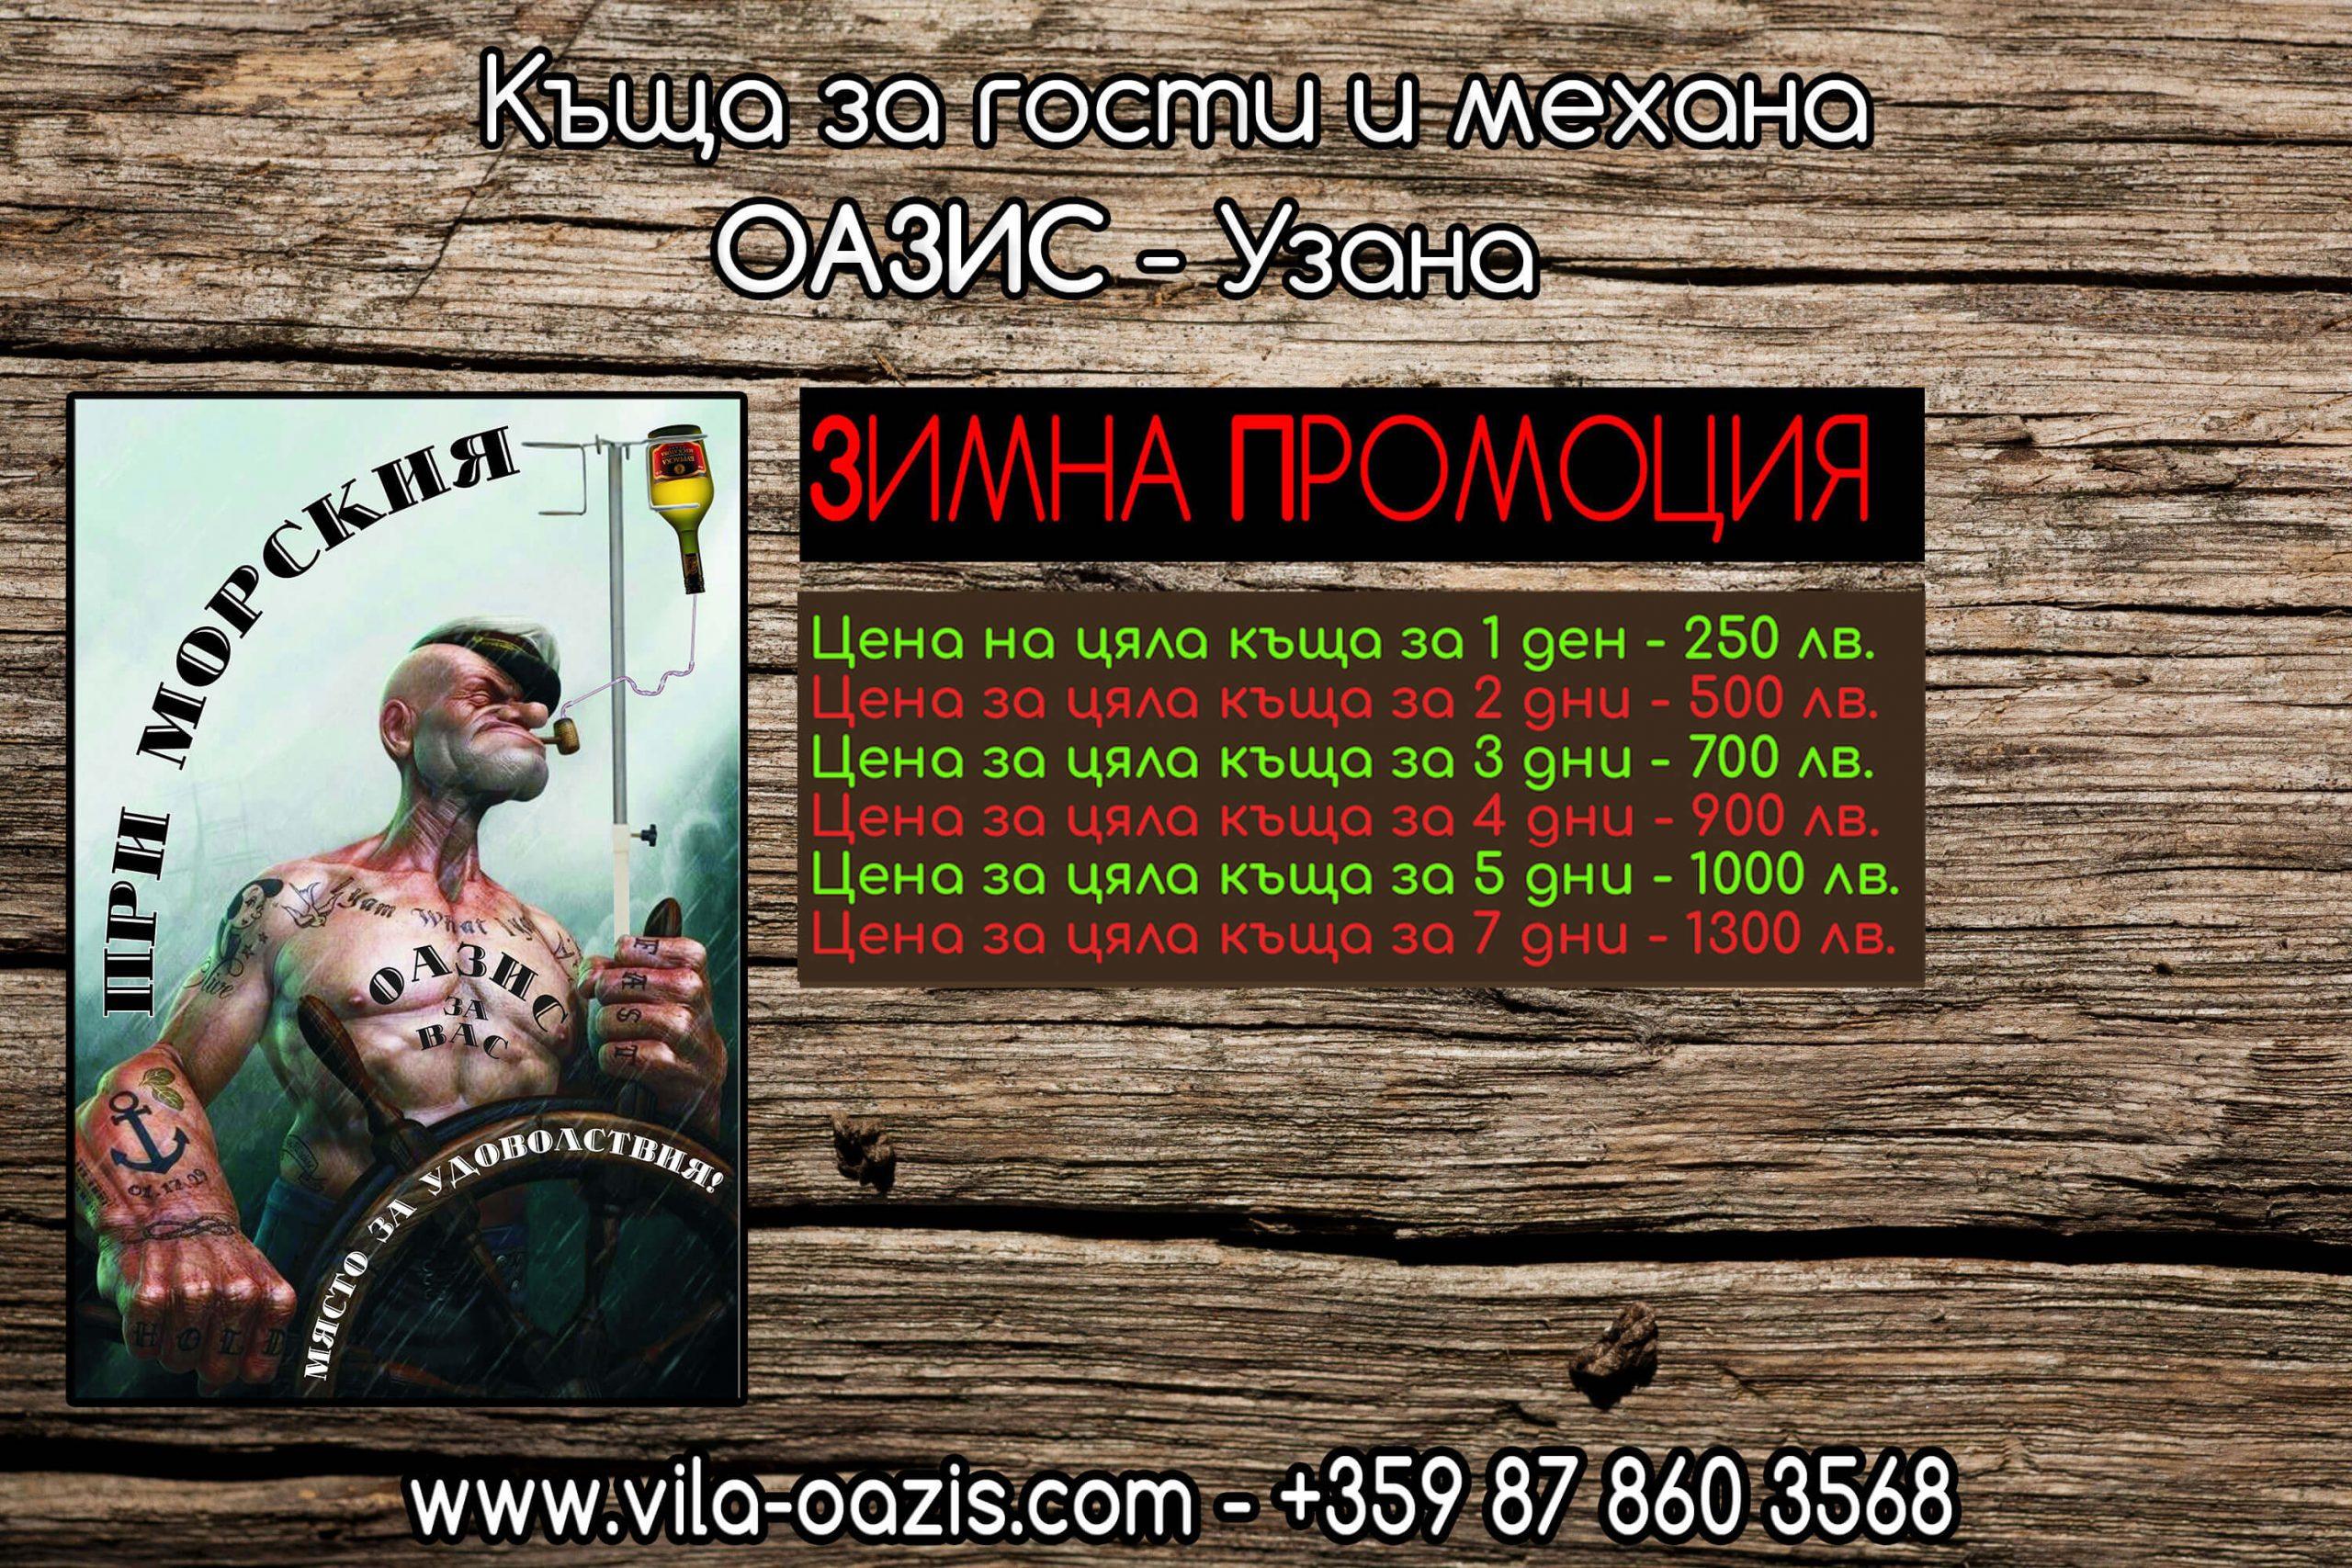 vila-oazis-promo